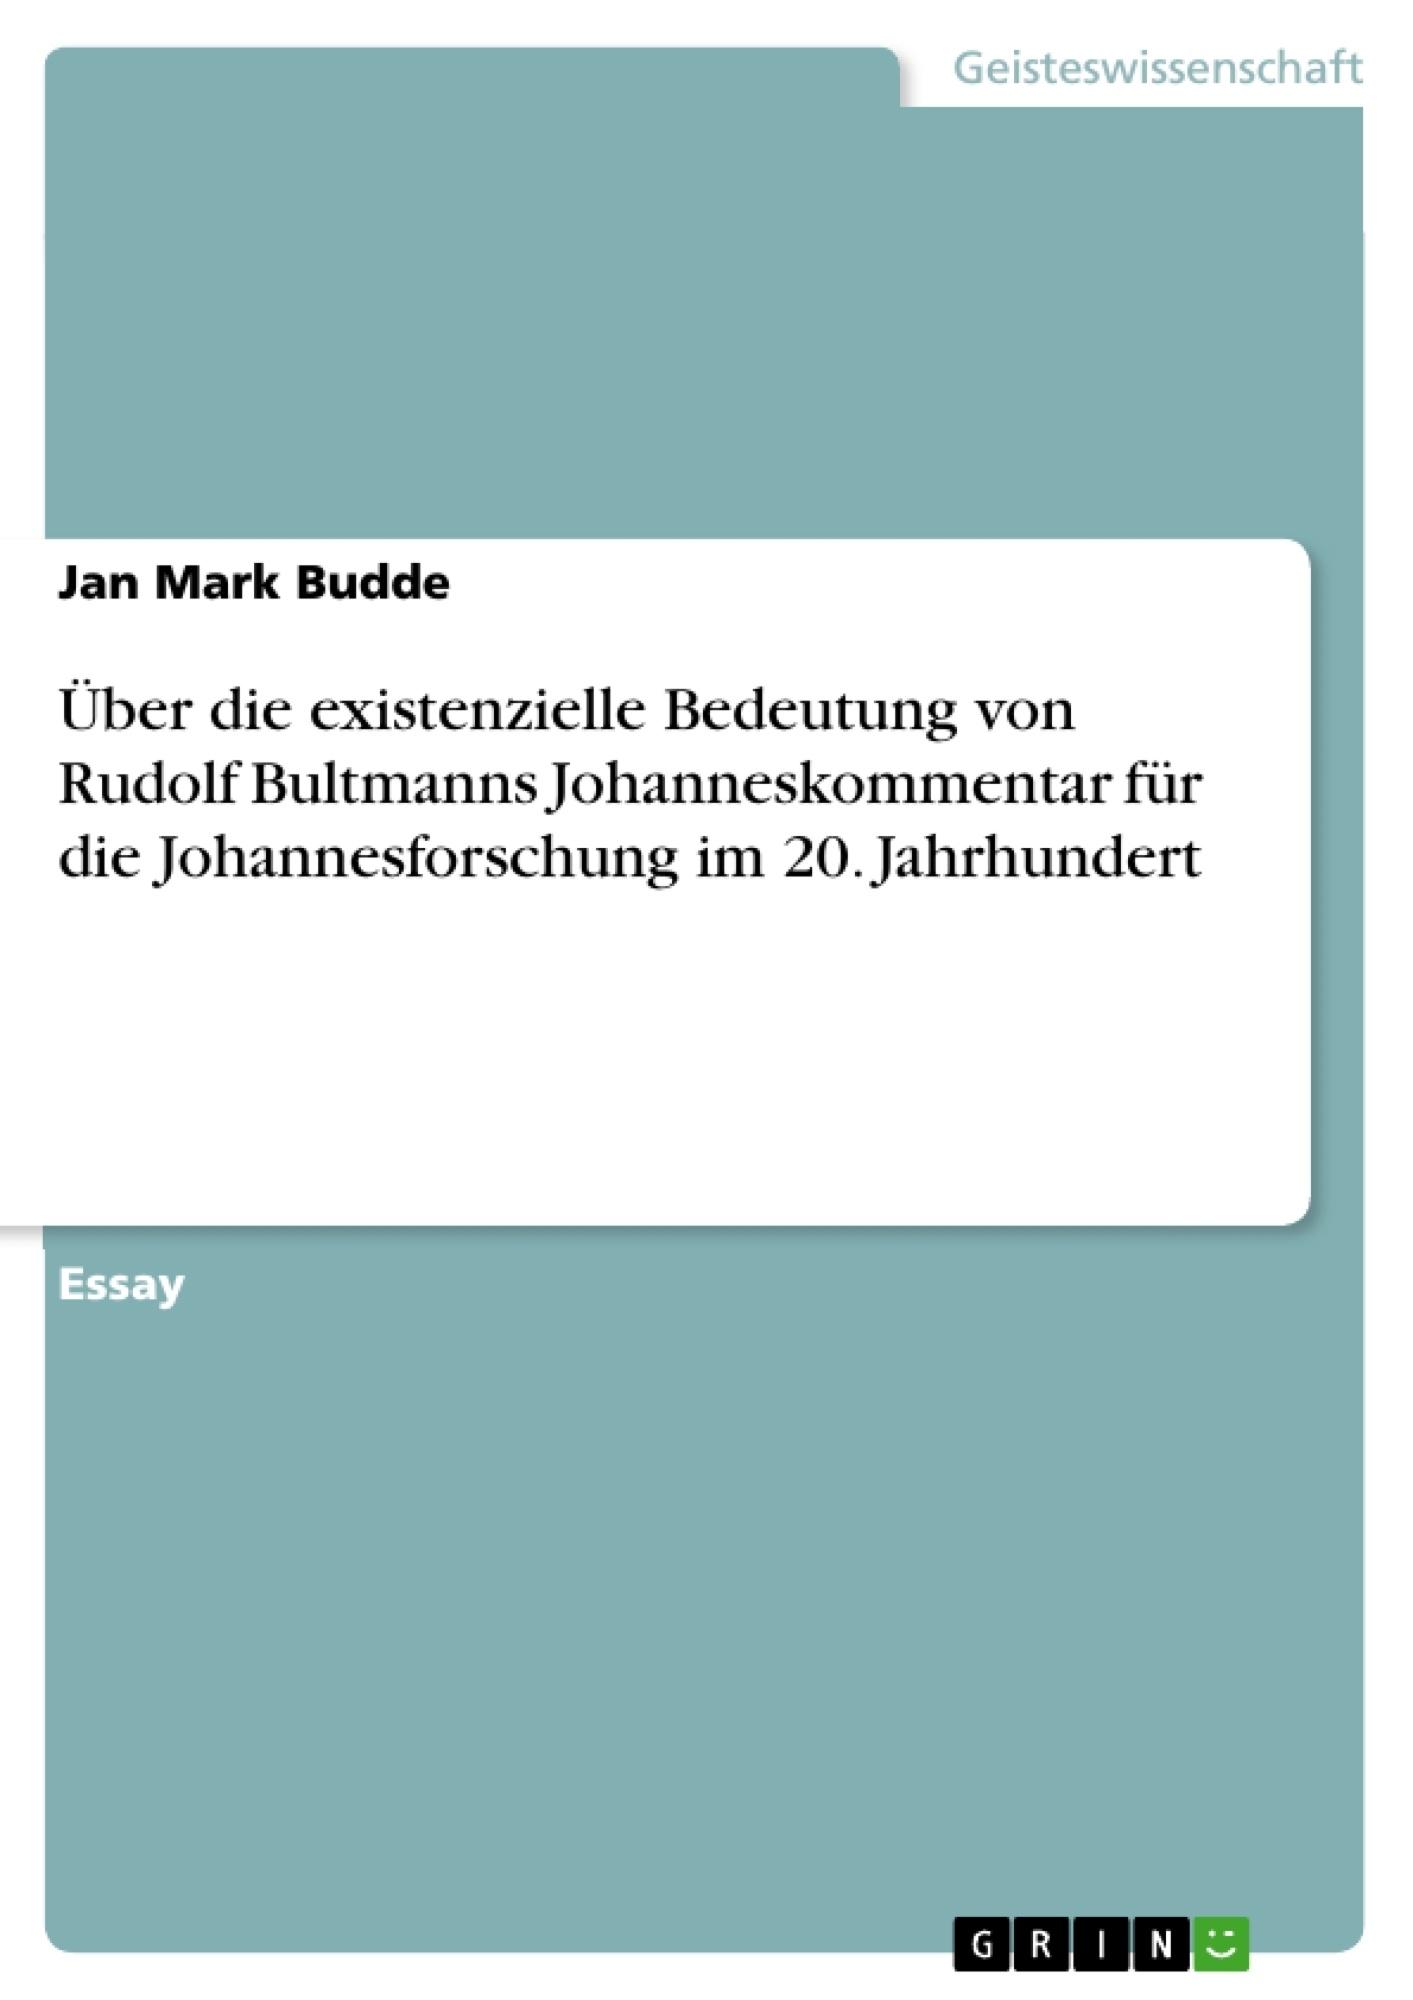 Titel: Über die existenzielle Bedeutung von Rudolf Bultmanns Johanneskommentar für die Johannesforschung im 20. Jahrhundert